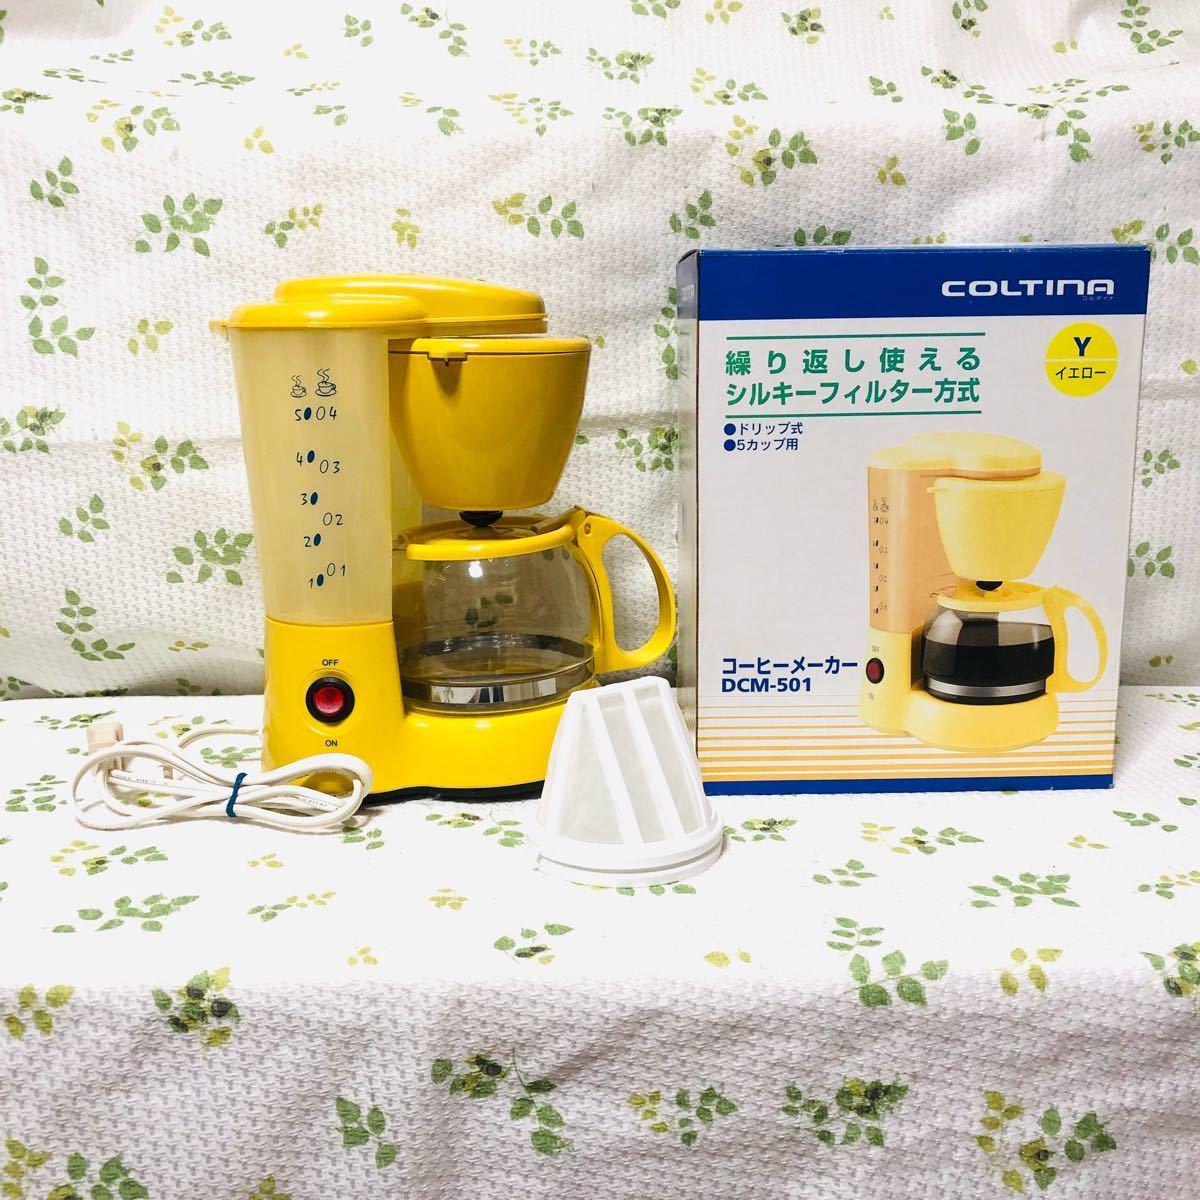 COLTINA☆コーヒーメーカー☆イエロー